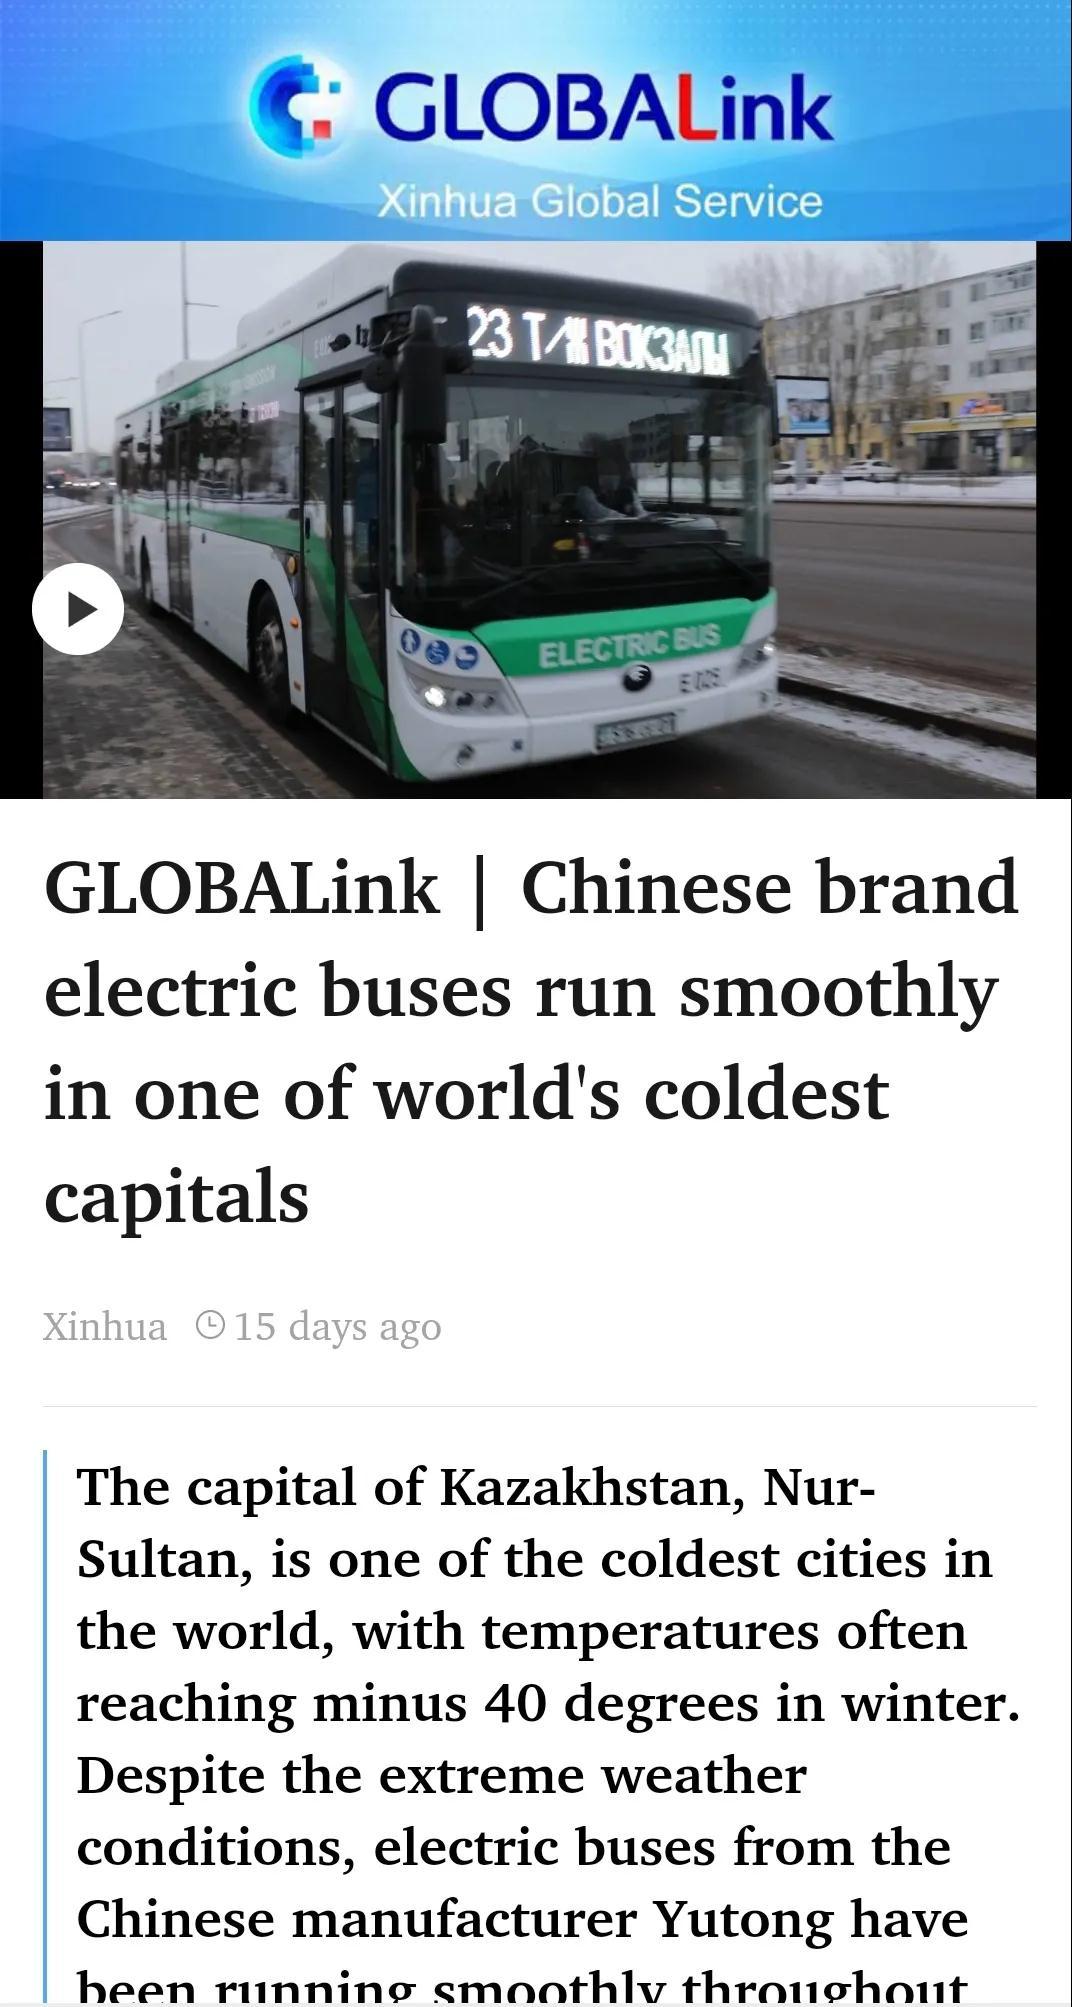 新华社报道:宇通移动医疗车打通哈萨克斯坦偏远农村漫漫看病路